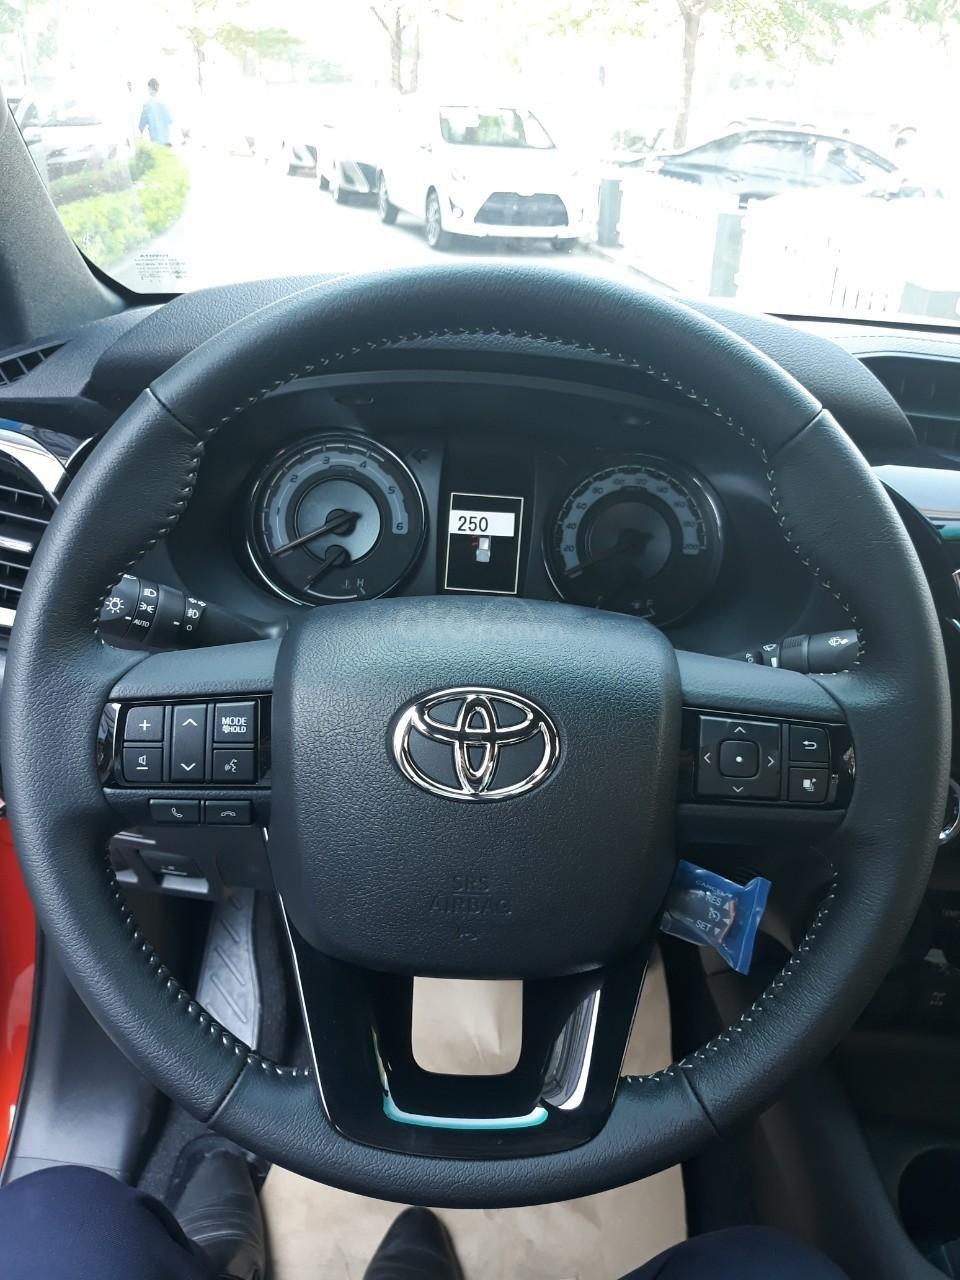 Bán Toyota Hilux tự động 2019 trả góp tại Hải Dương, hotline: 0976394666 Mr Chính (7)